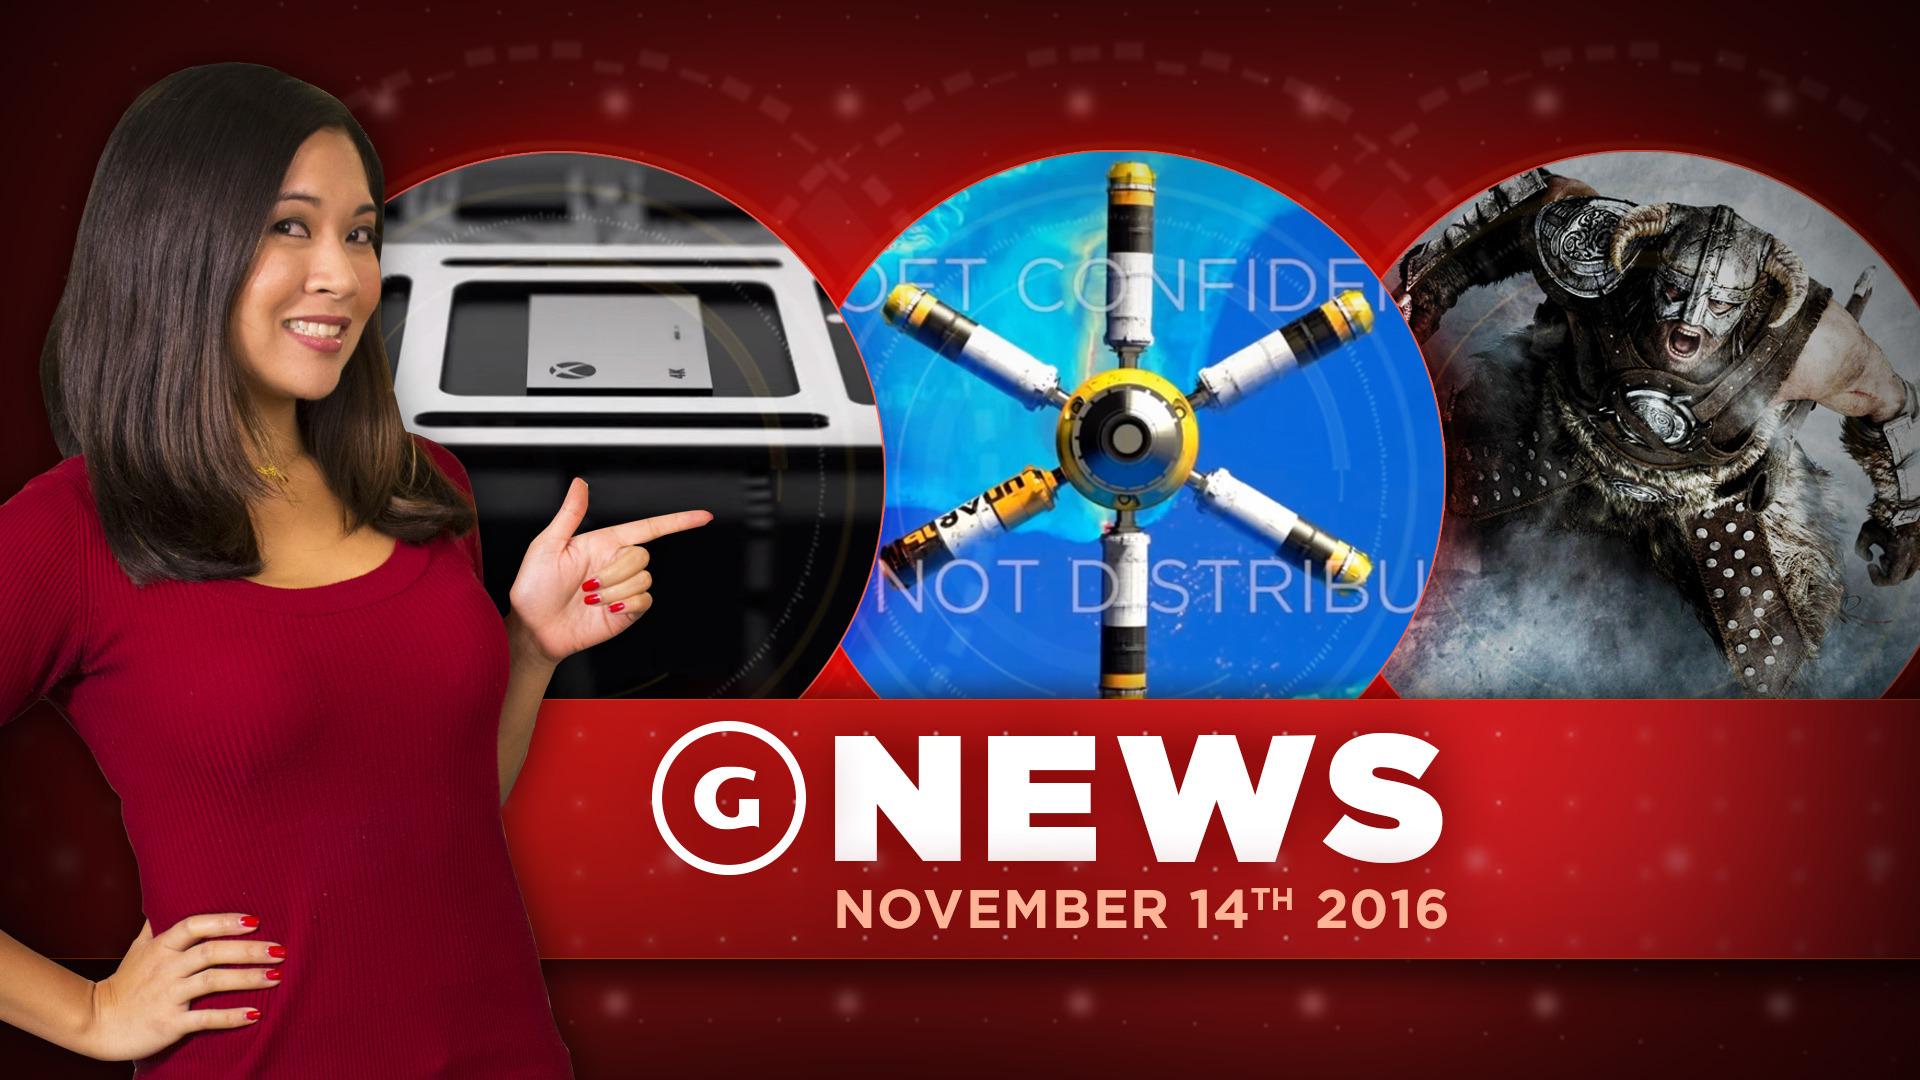 GS News - Project Scorpio Will Deliver Native 4K